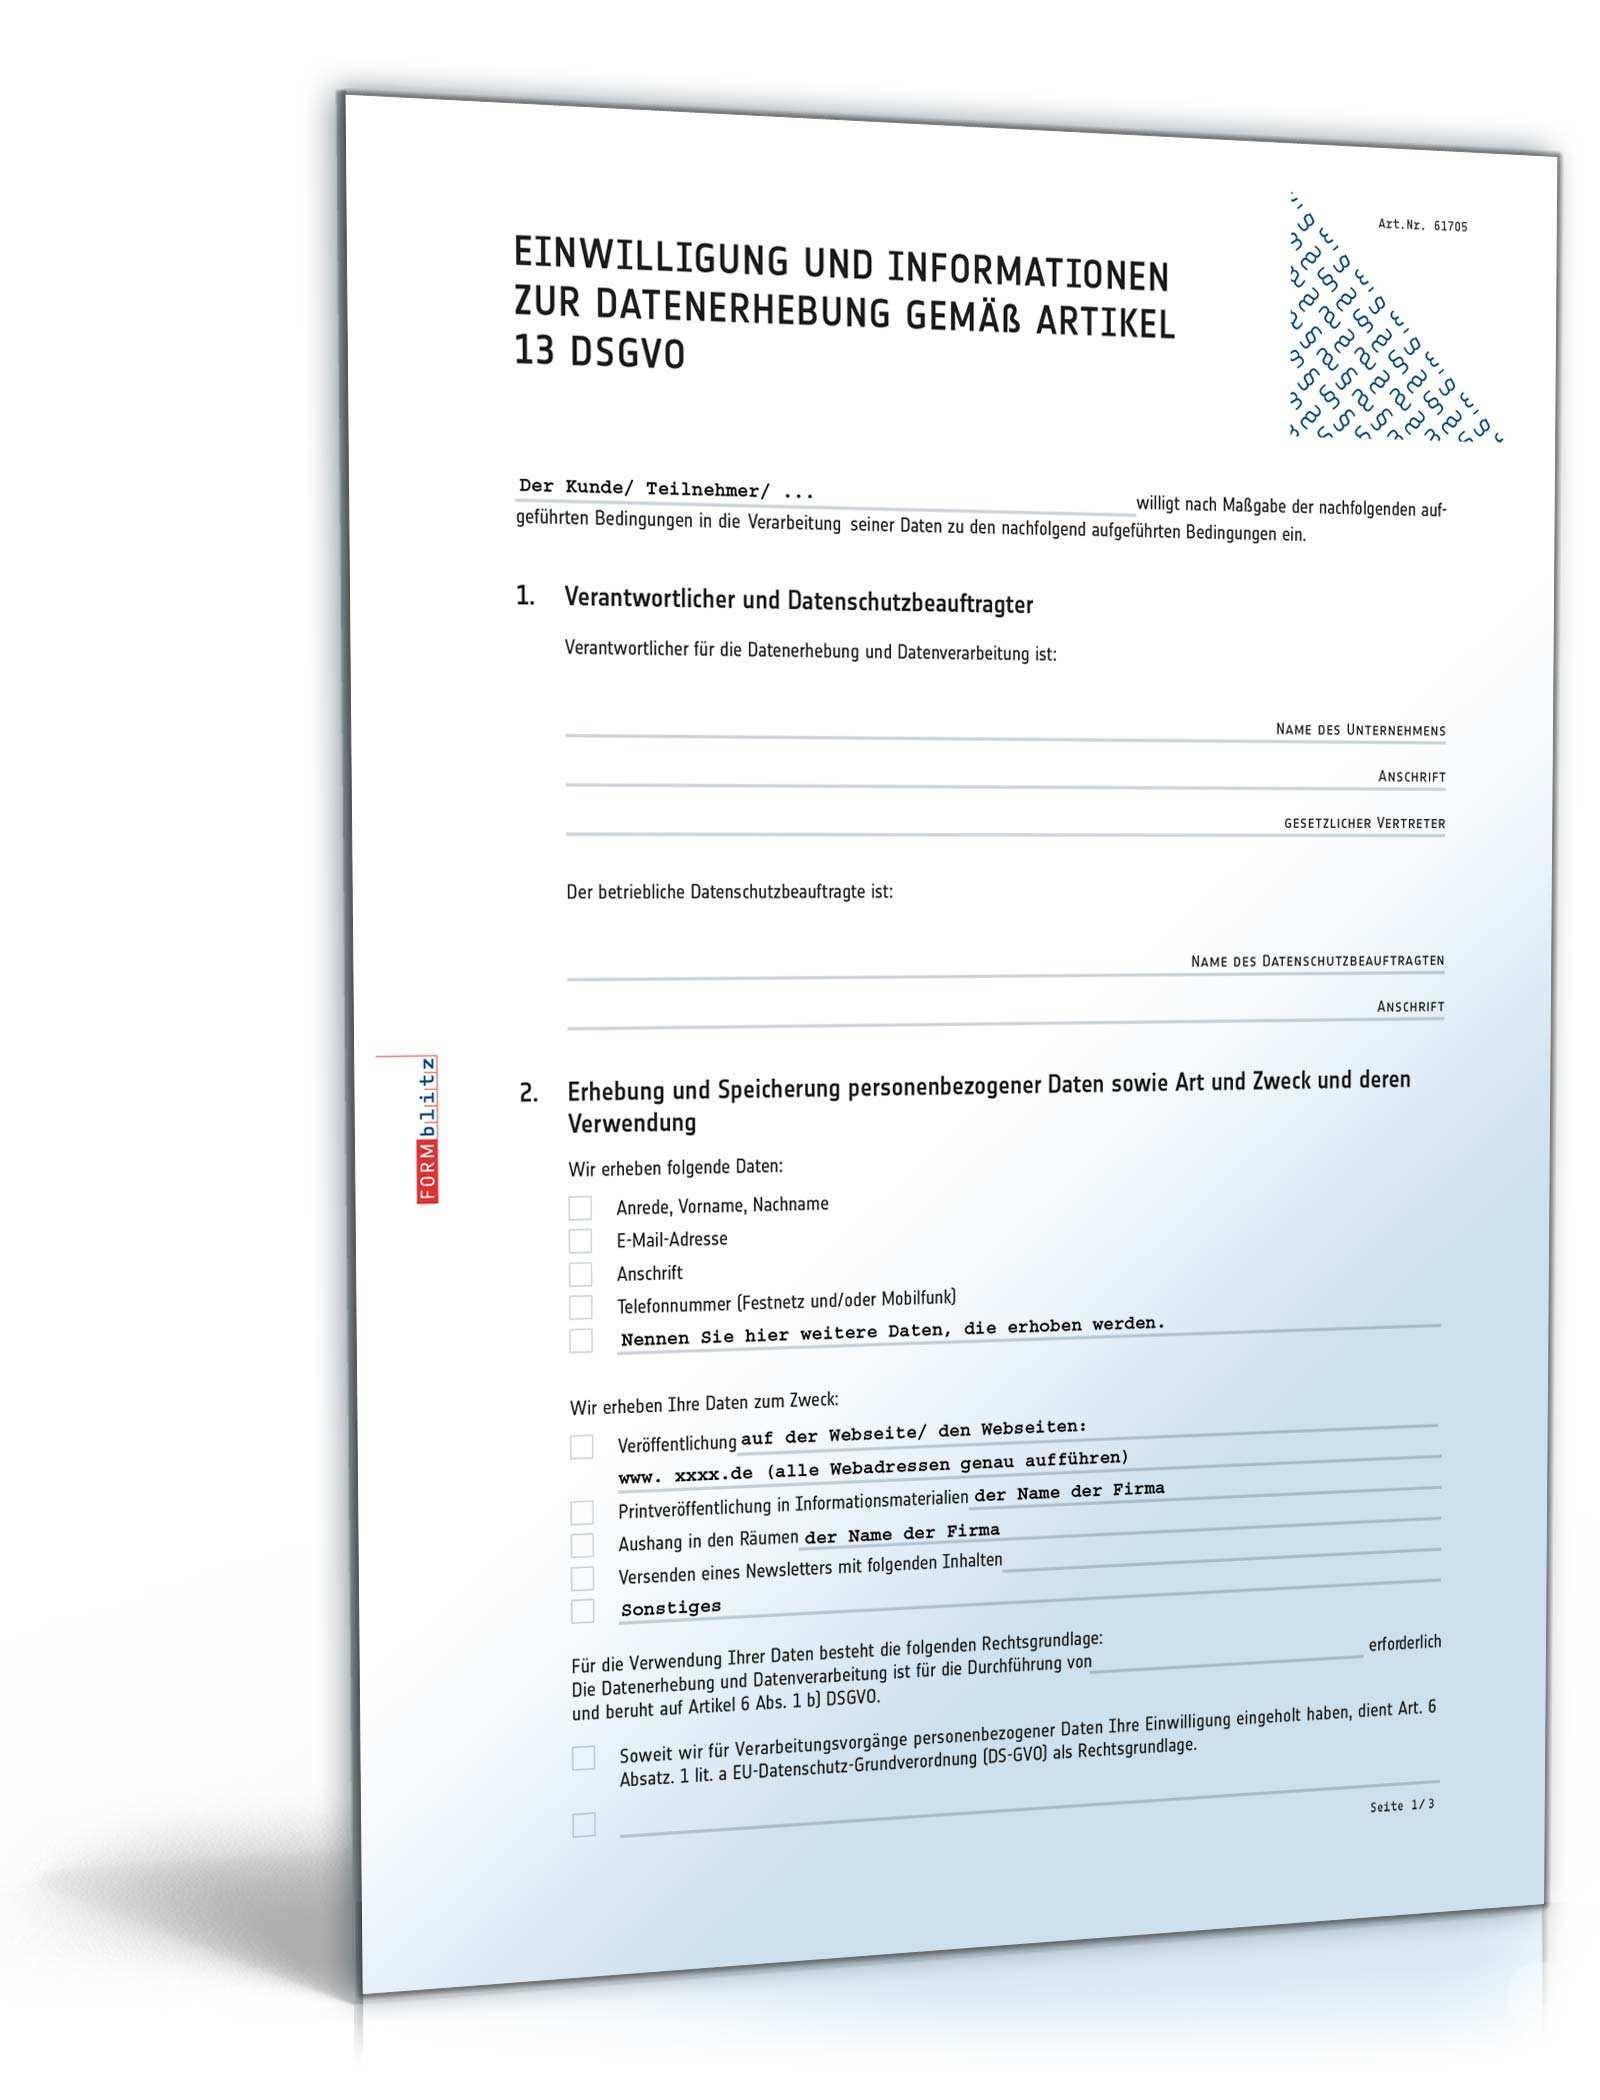 Einwilligung Zur Datenerhebung Muster Zum Download